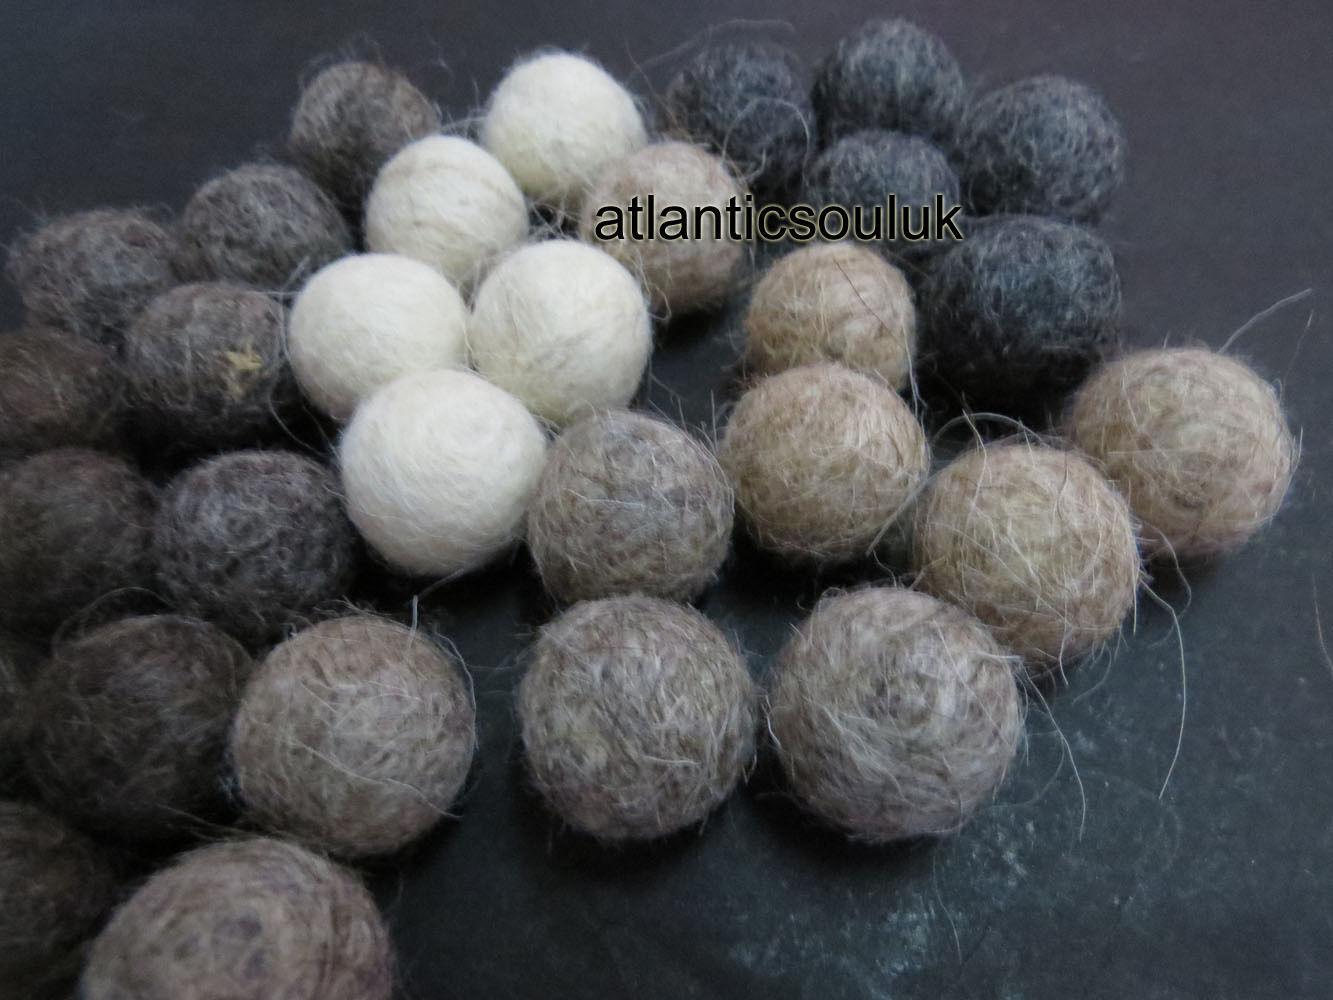 FB12 Guirlande En Gros X Lot 2cm/20mm DECOR DECOR DECOR Laine Feutre Balle Pompon Perles Népal | Bien Connu Pour Sa Fine Qualité  1f5a83